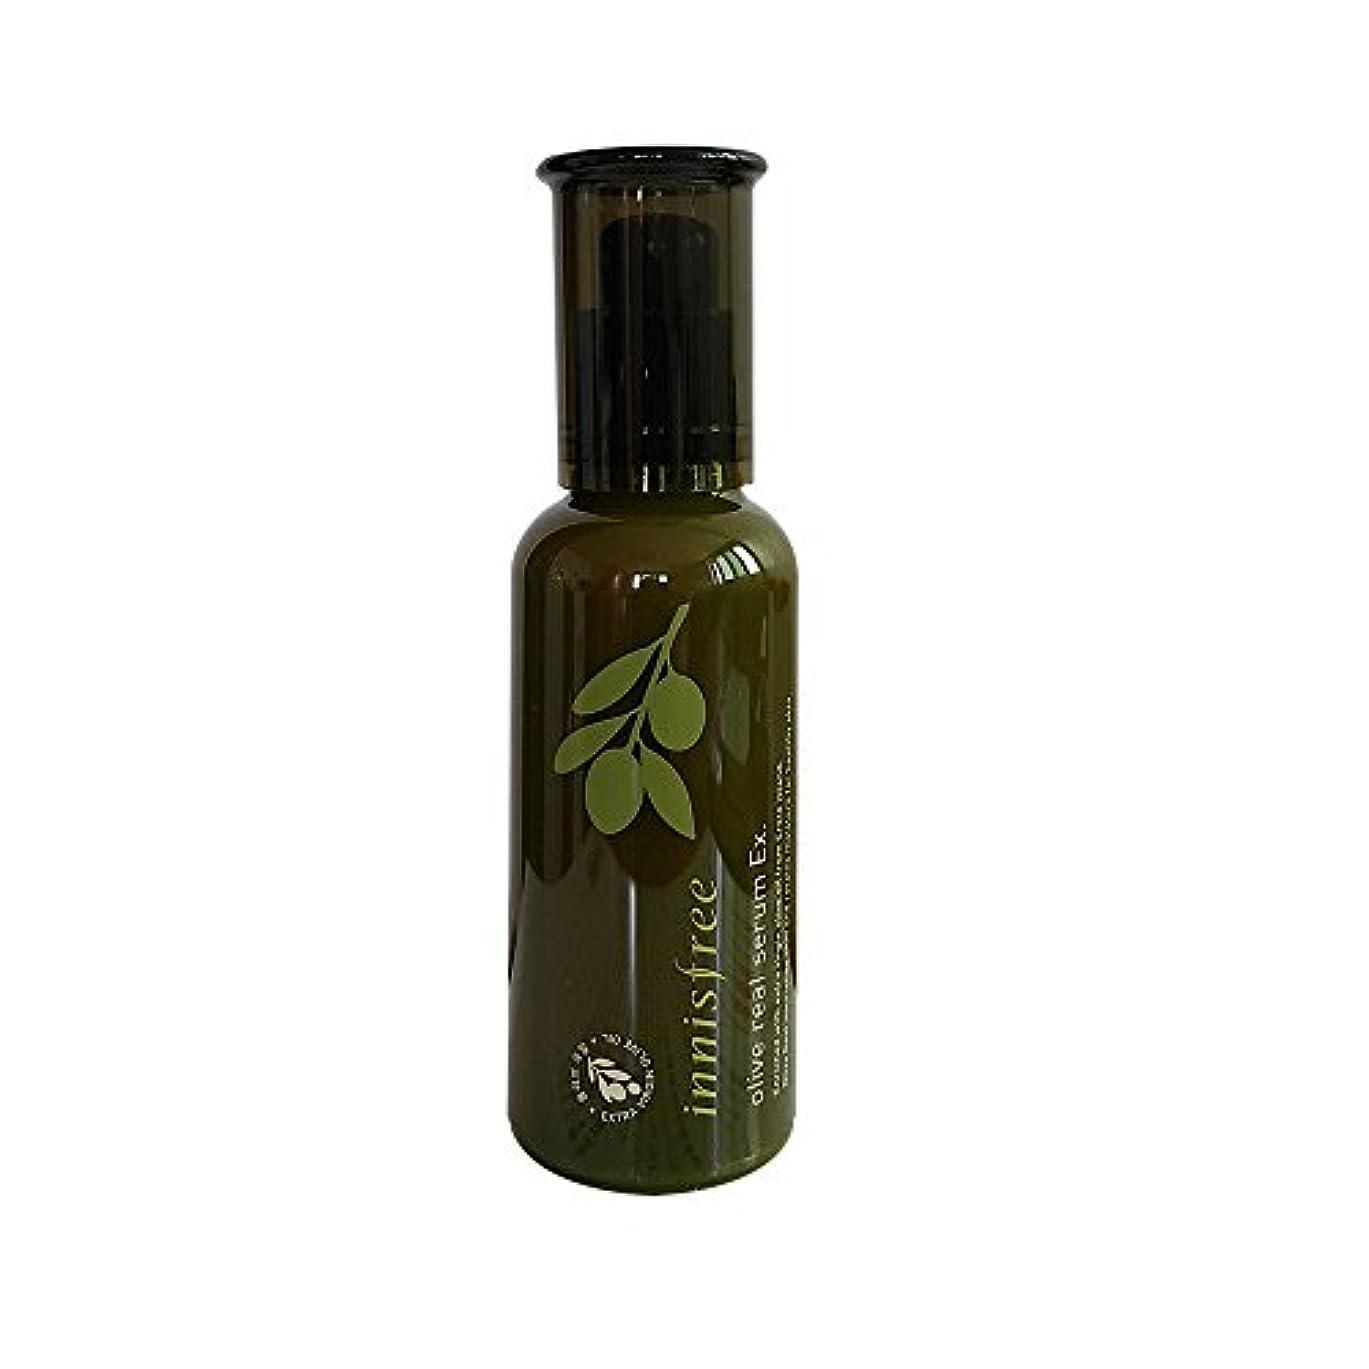 ミルクフレア本質的ではないイニスフリー Innisfree オリーブリアルセラム(50ml) Innisfree Olive Real Serum(50ml) [海外直送品]